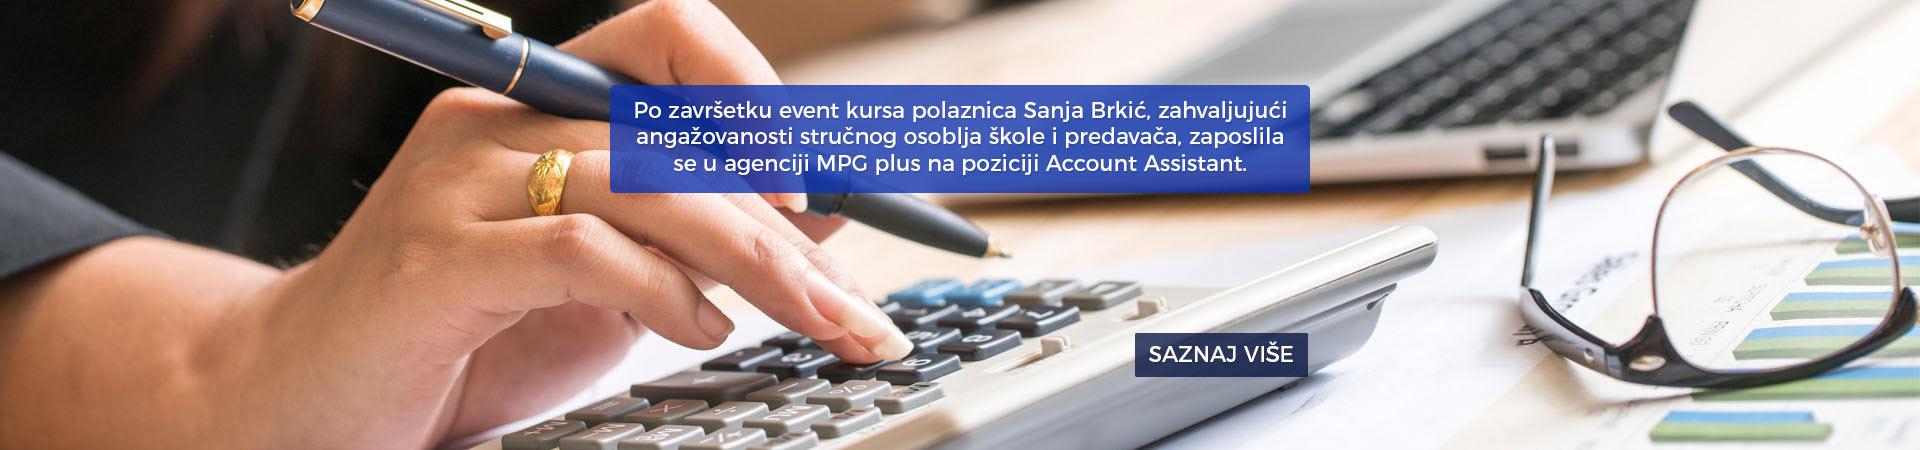 MPG-plus